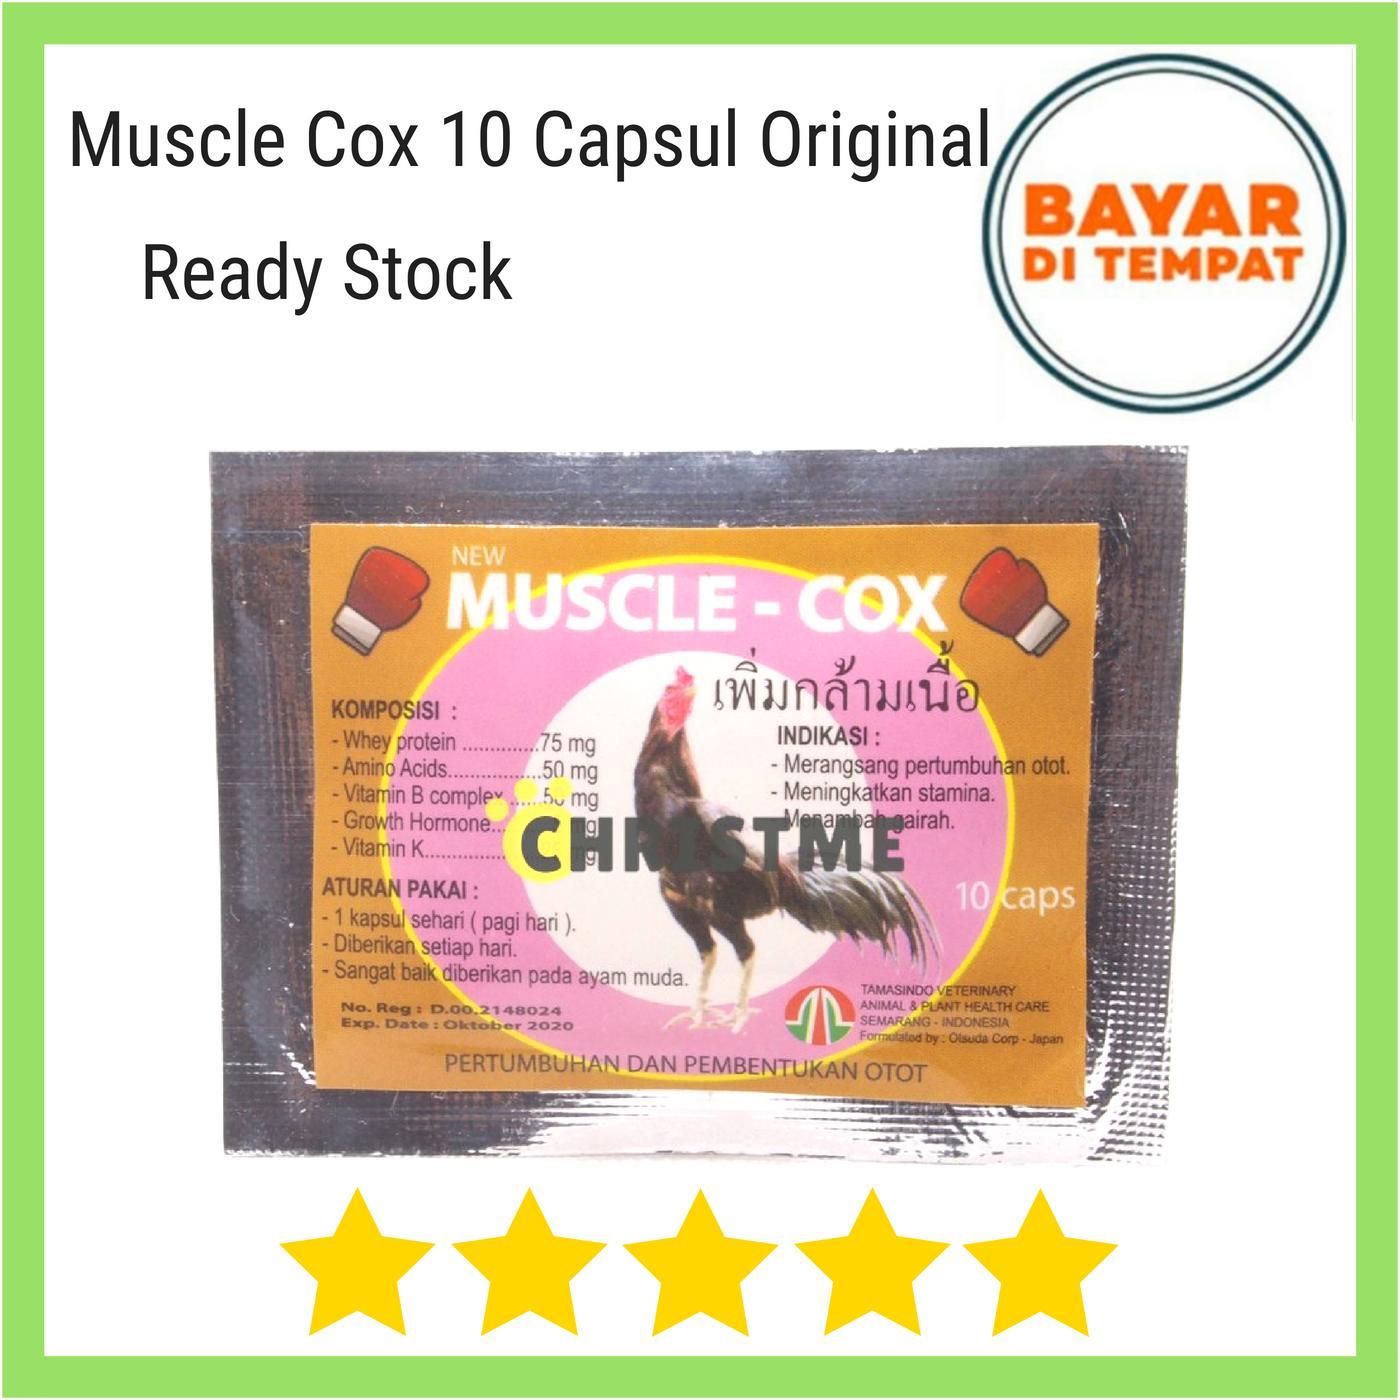 Kelebihan Calcicox Calci Cox 10 Kapsul Menguatkan Tulang Kaki Ayam Kaos Anak Mangkok Mie Kids Muscle Musclecox Obat Vitamin Pertumbuhan Dan Pembentukan Otot Stamina Protein Asam Amino